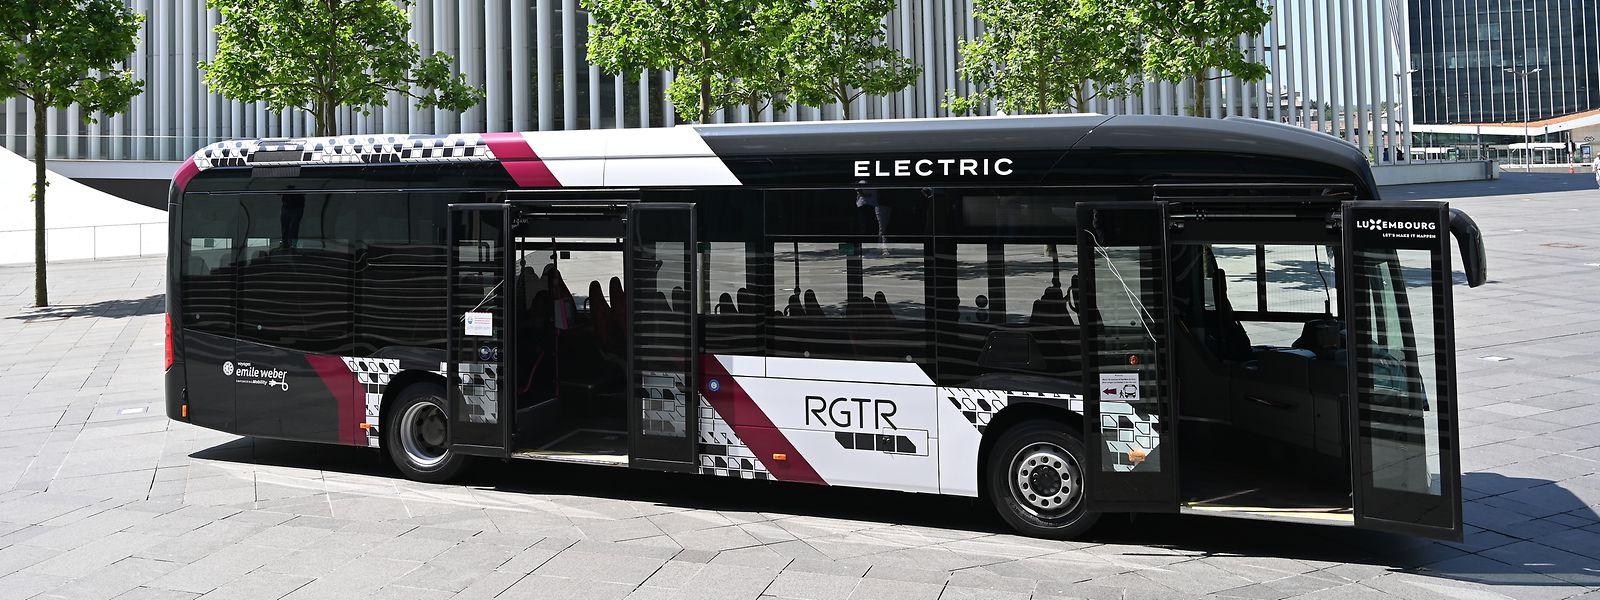 Auch wenn die RGTR-Busse ein einheitliches Aussehen erhalten, bleibt die Firmenidentität der einzelnen Dienstleister durch die Farbgebung weiter erhalten.